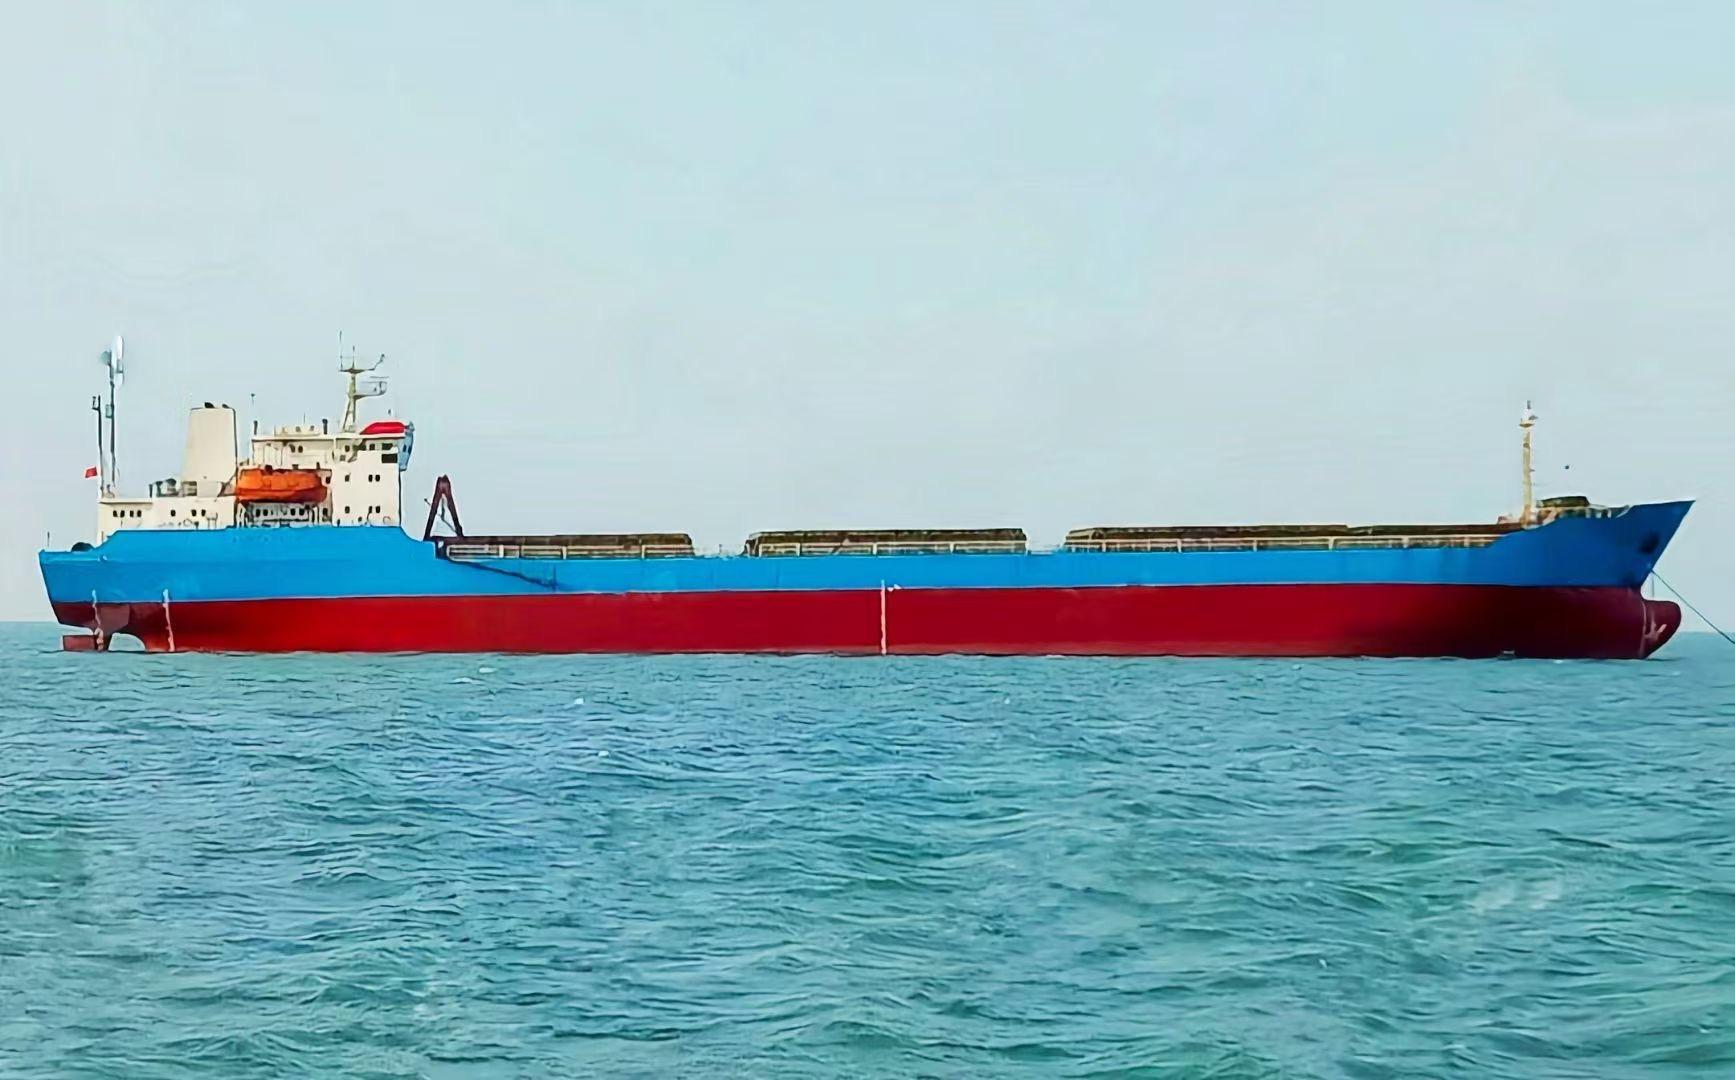 售1992年罗马尼亚建造13500吨杂货船